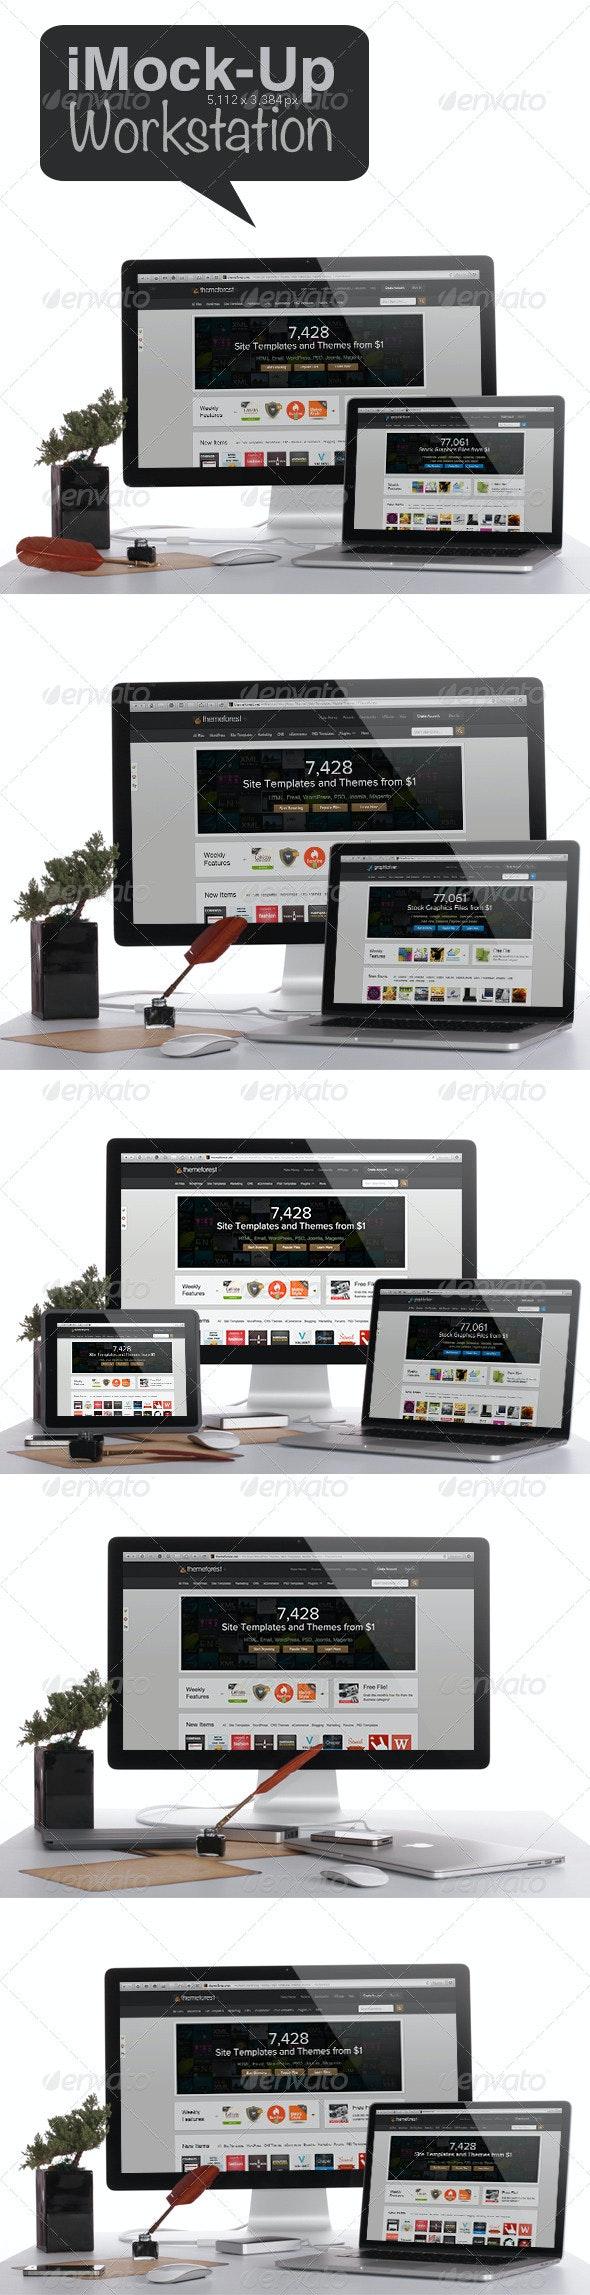 Workstation Mock-up - Multiple Displays